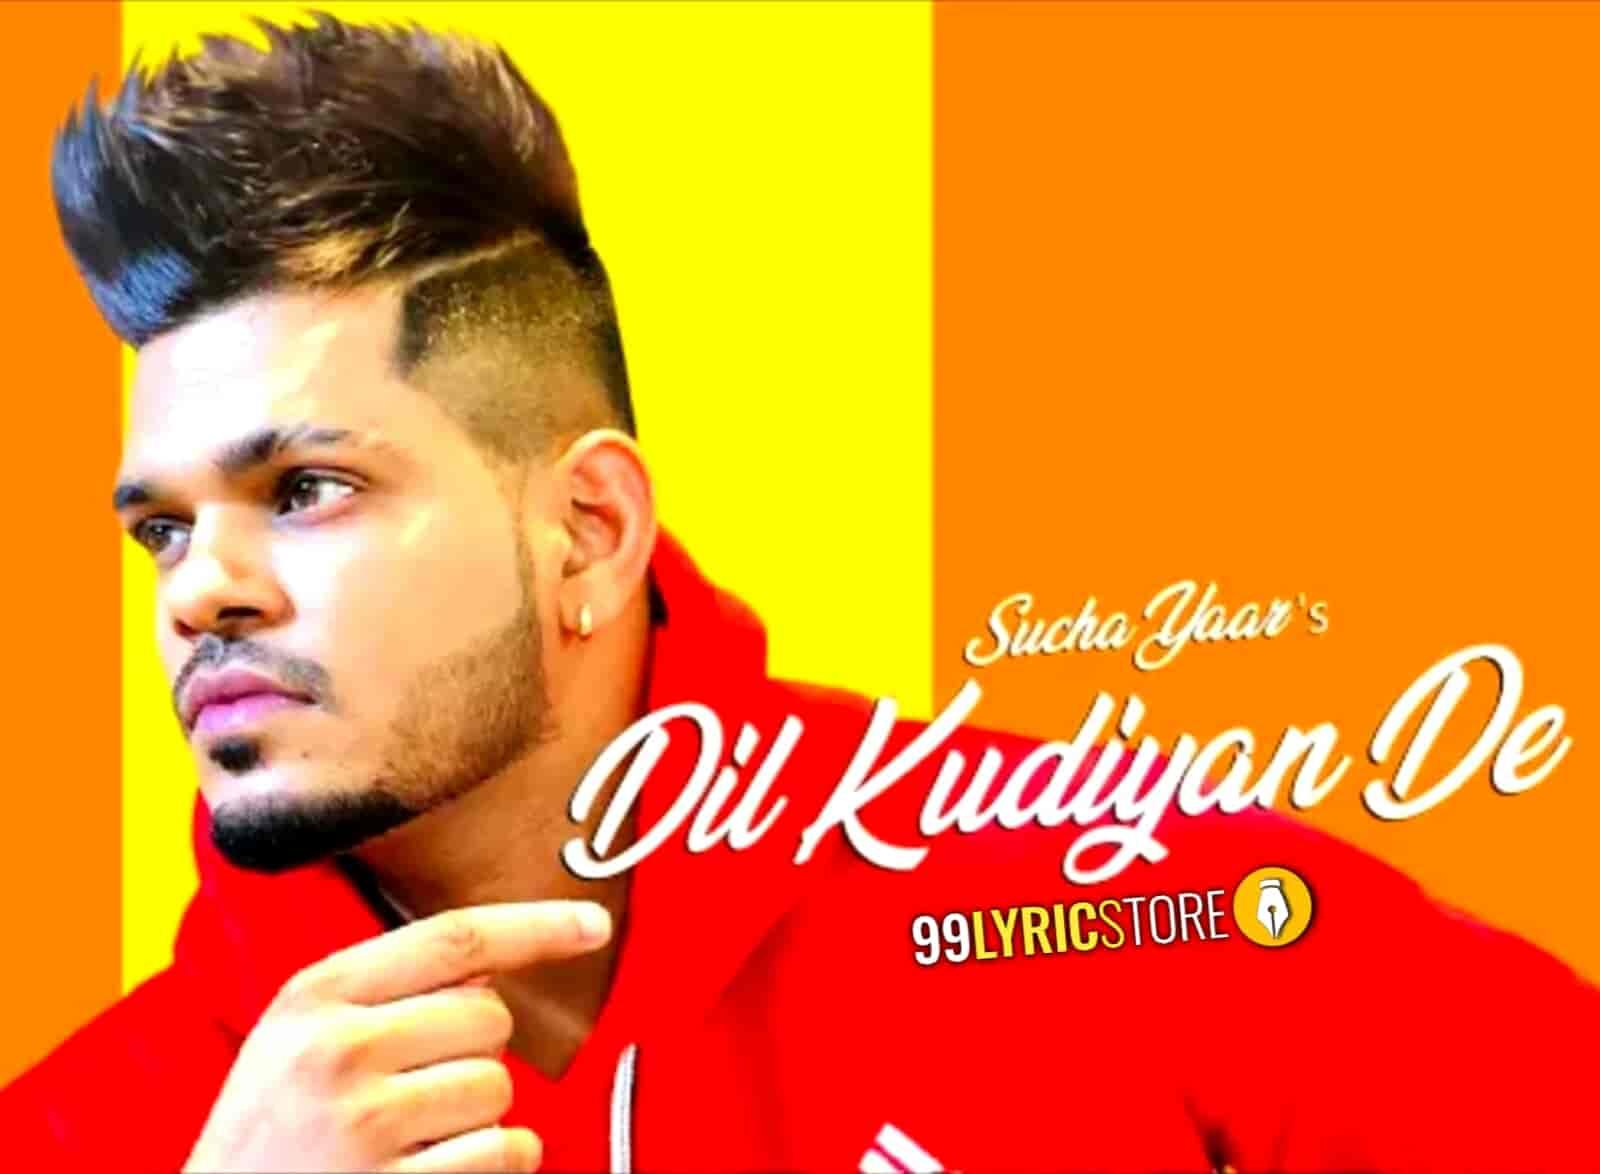 Dil Kudiyan De Song Image Sucha Yaar